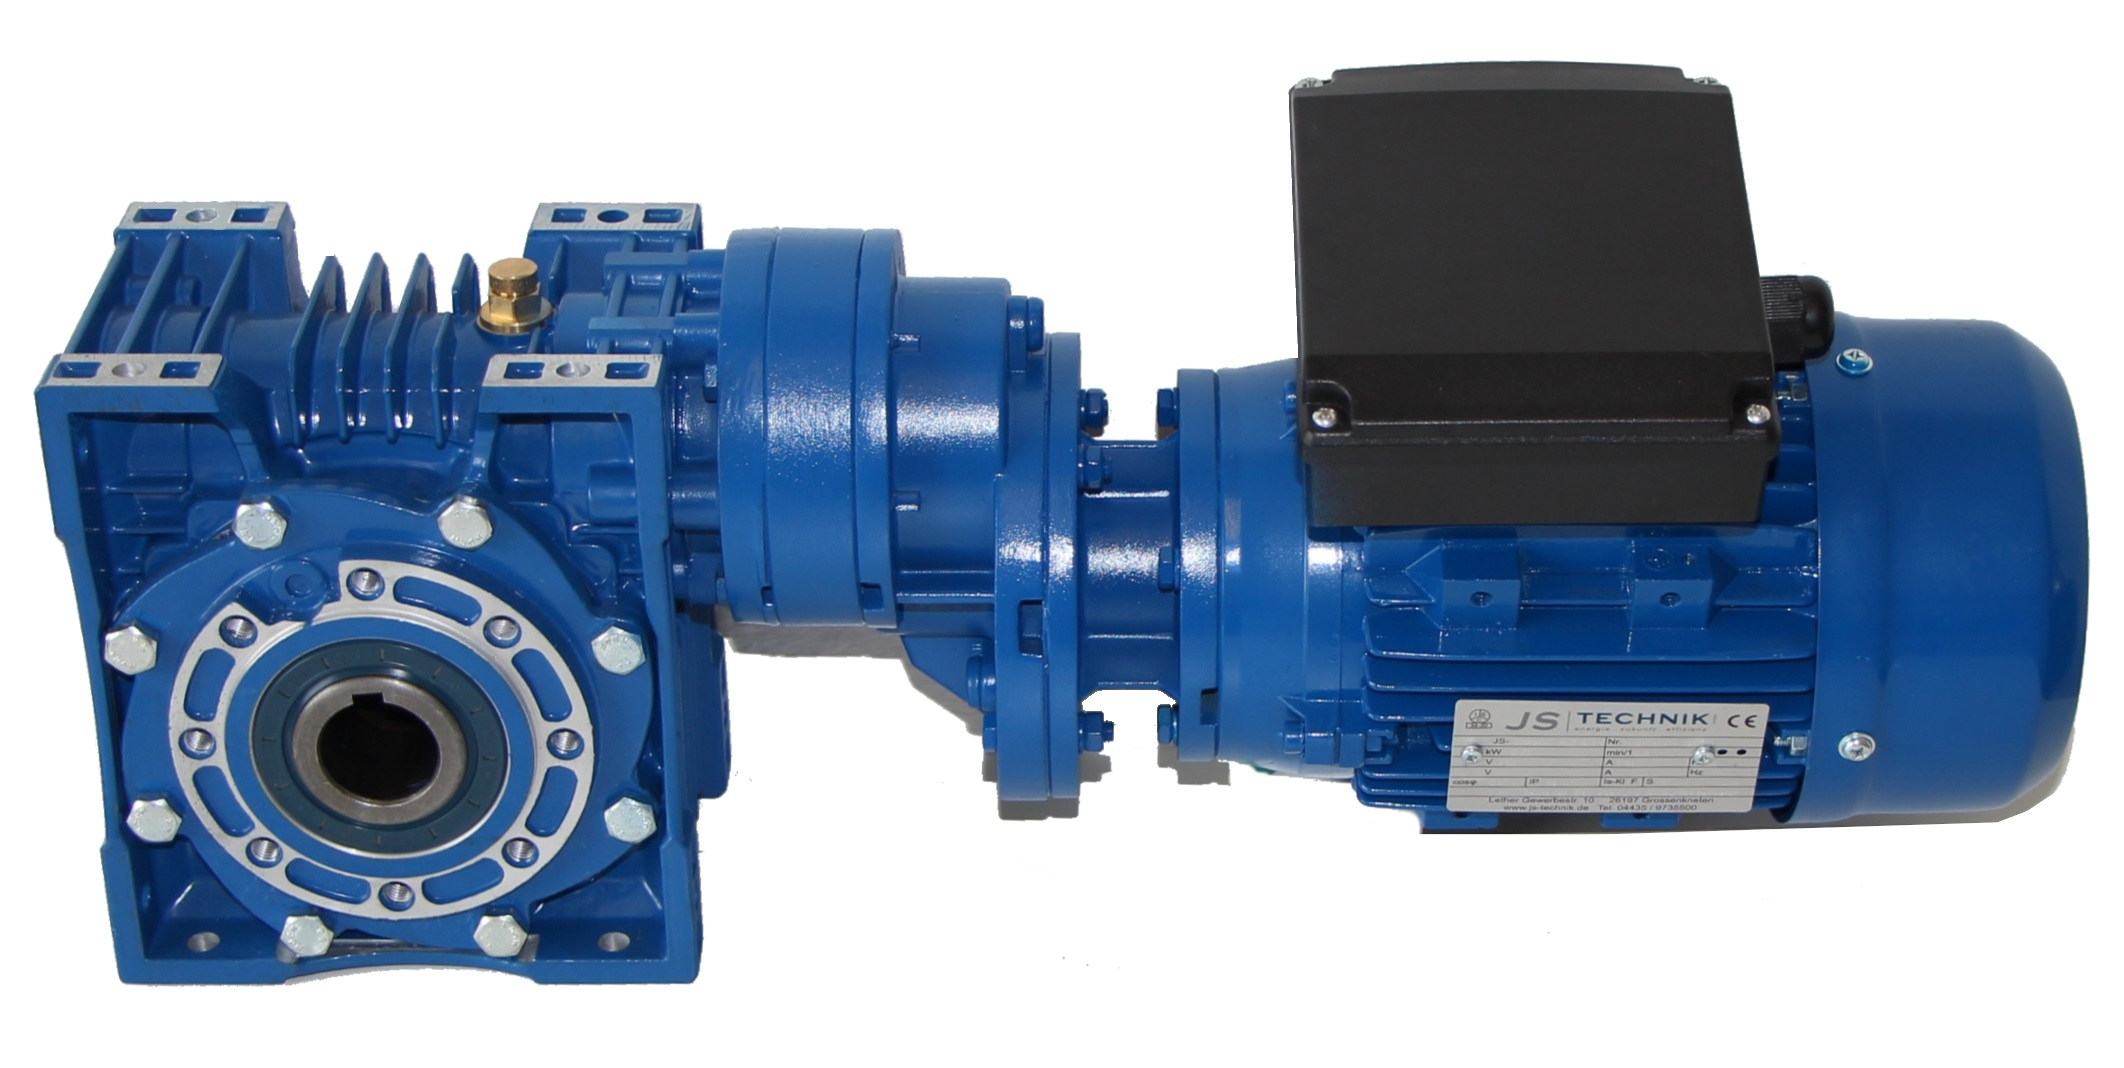 Langsamläufer 230V 8 upm Grillmotor Grill Hähnchengrill MotorGetriebemotor